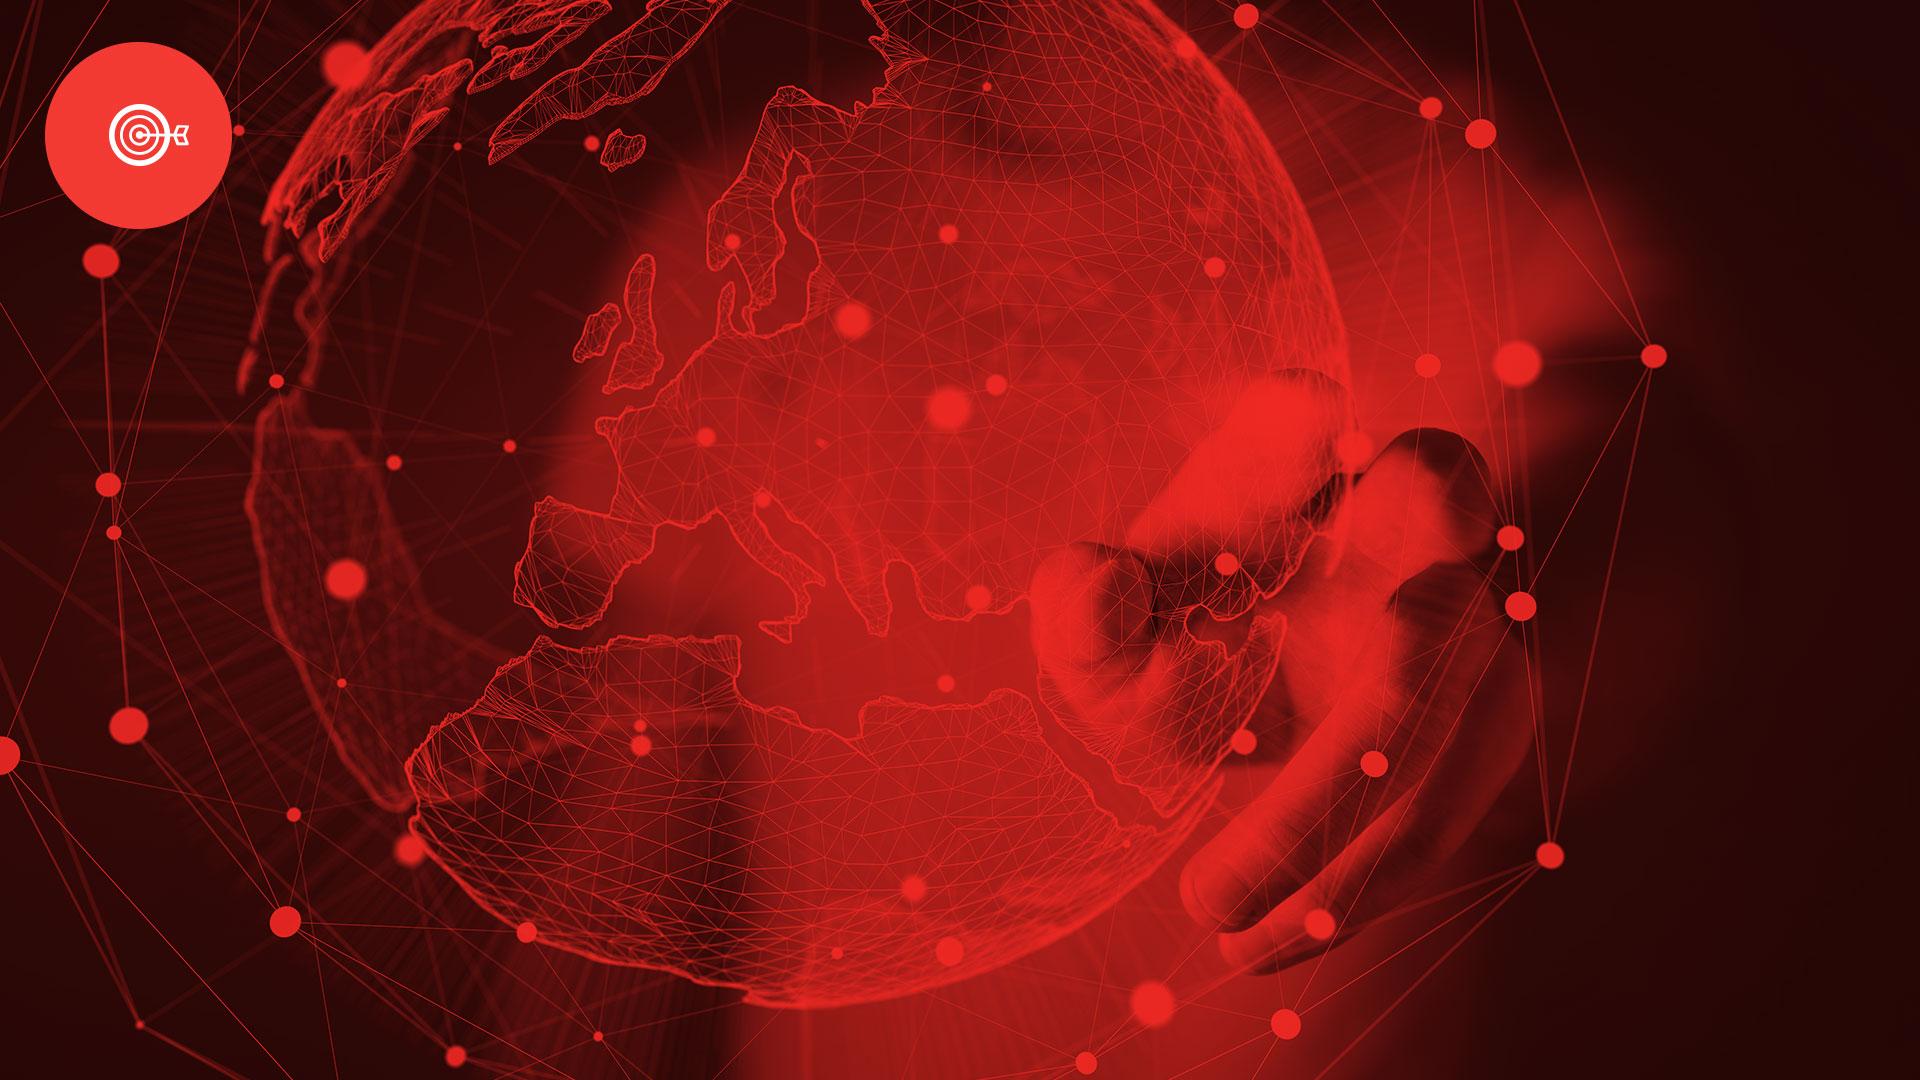 Strategie - Strategien für Wachstum — Kommunikationsstrategien für die diversifizierte Medienlandschaft.• Strategien für Marken im Digitalen Zeitalter• Data-driven Insights Mining• Definition Key Performance IndicatorsAnalytics — Digitale Medien liefern die passenden Datenquellen um Wirkung vorherzusagen und zu messen.• Marketing Objectives im Purchase Funnel• Customer Lifecycle Experiences